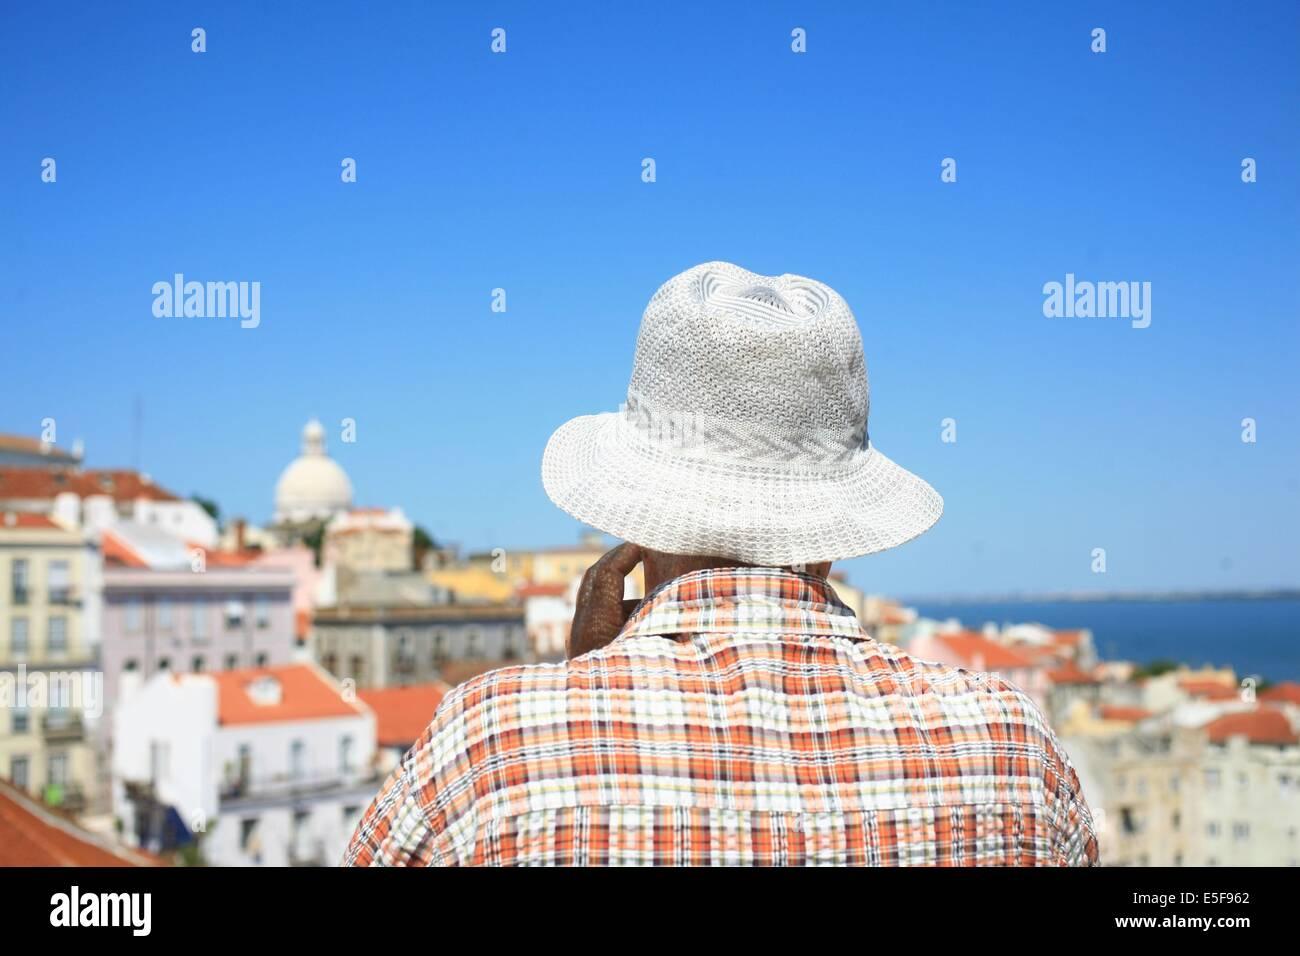 portugal, lisbonne, lisboa, signes de ville, alfama, panorama sur toits et le tage, senior avec chapeau et chemise - Stock Image